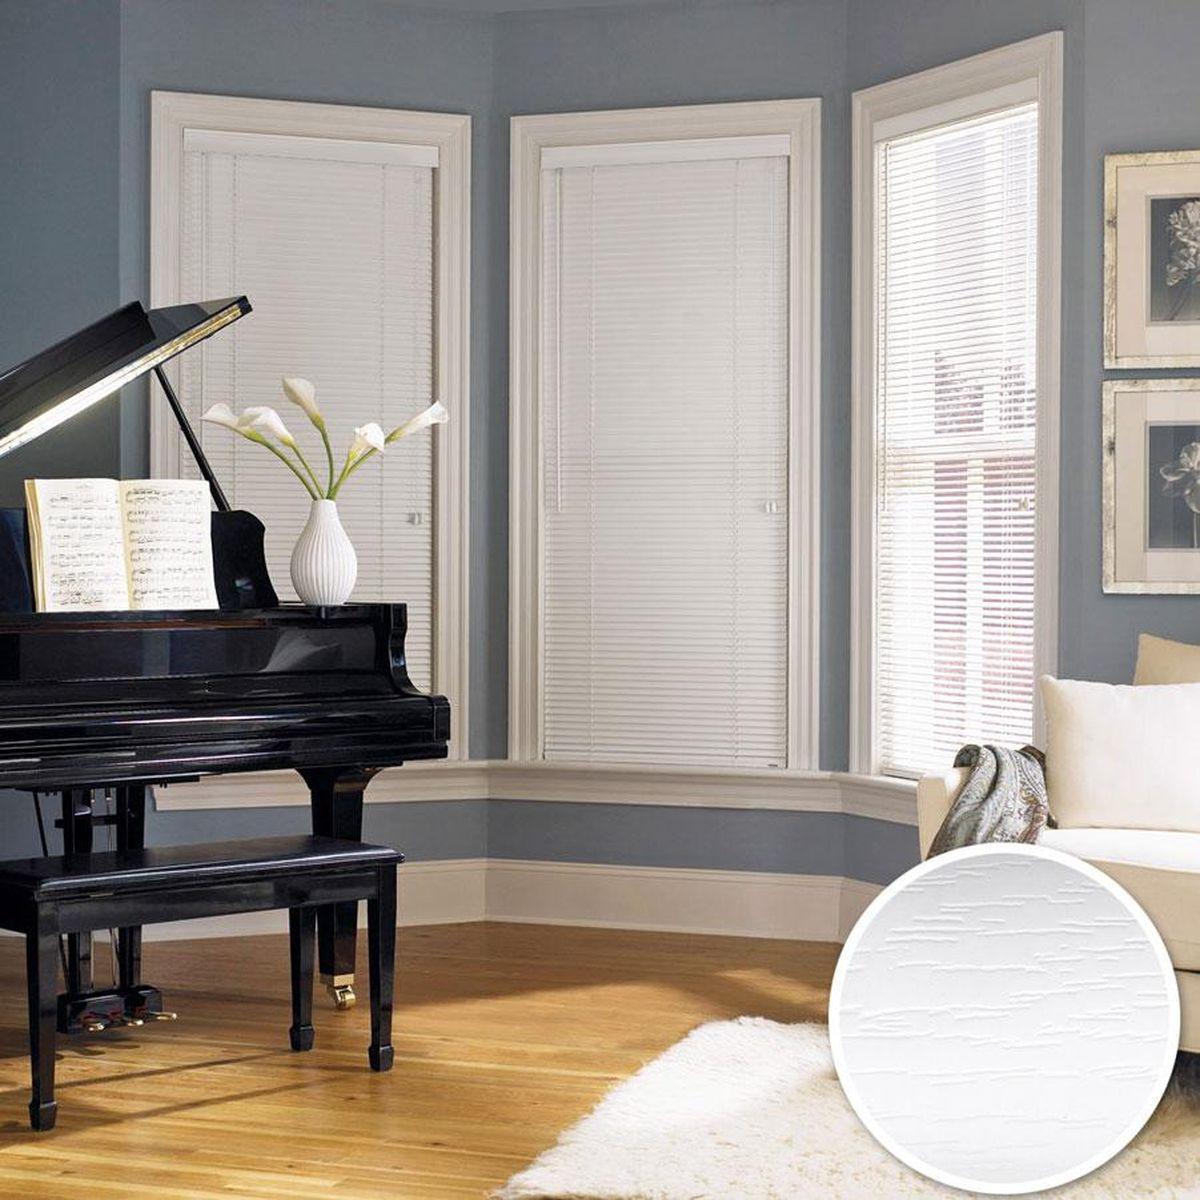 Жалюзи Эскар, цвет: белый, ширина 80 см, высота 160 см2615S545JBДля того чтобы придать интерьеру изюминку и завершенность, нет ничего лучше, чем использовать жалюзи на окнах квартиры, дома или офиса. С их помощью можно подчеркнуть индивидуальный вкус, а также стилевое оформление помещения. Помимо декоративных функций, жалюзи выполняют и практические задачи: они защищают от излишнего солнечного света, не дают помещению нагреваться, а также создают уют в темное время суток.Пластиковые жалюзи - самое универсальное и недорогое решение для любого помещения. Купить их может каждый, а широкий выбор размеров под самые популярные габариты сделает покупку простой и удобной. Пластиковые жалюзи имеют высокие эксплуатационные характеристики - они гигиеничны, что делает их незаменимыми при монтаже в детских и медицинских учреждениях.